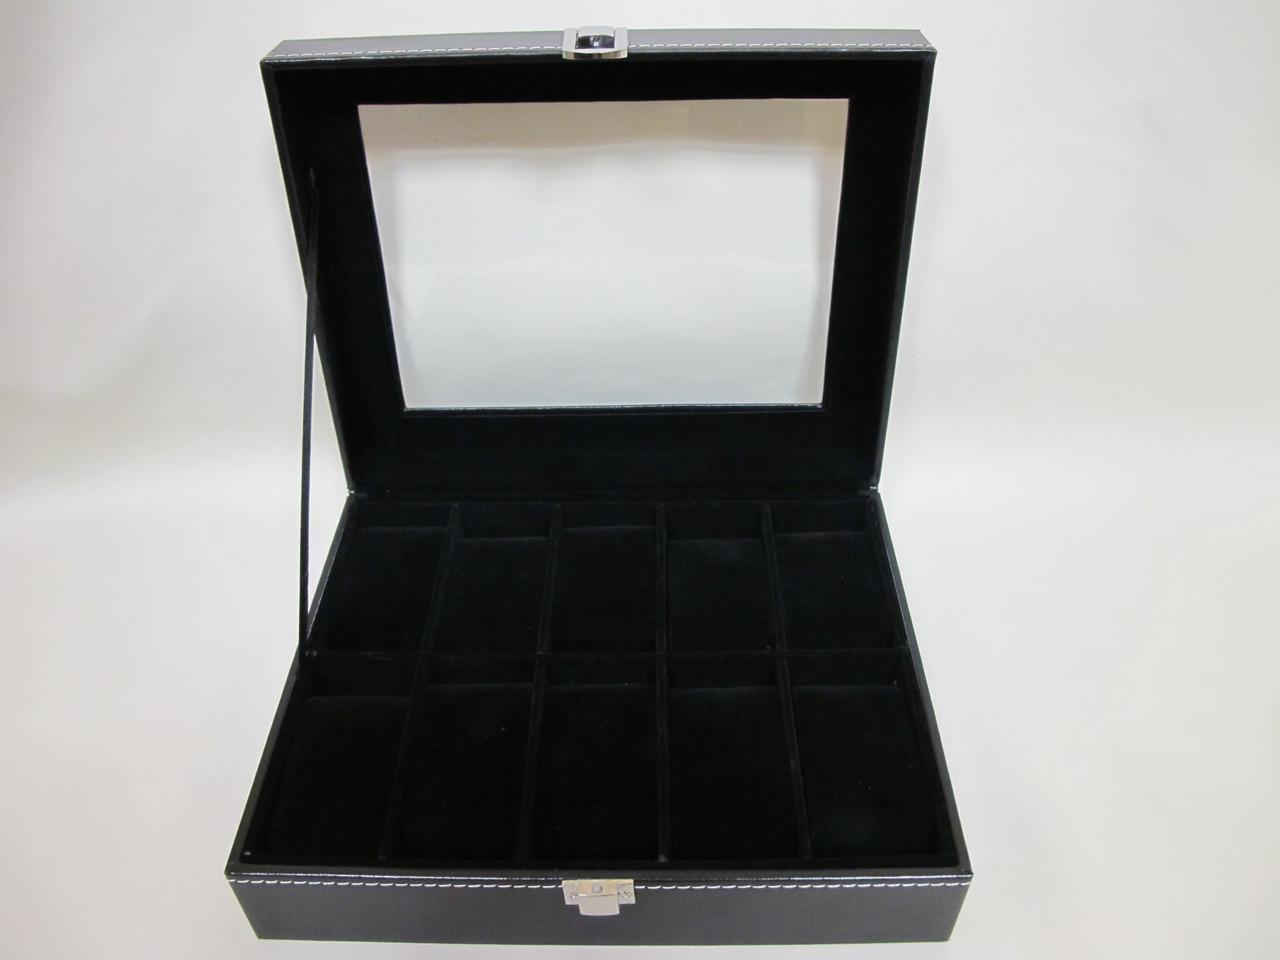 Шкатулка для хранения часов Craft 10PU.BLINS